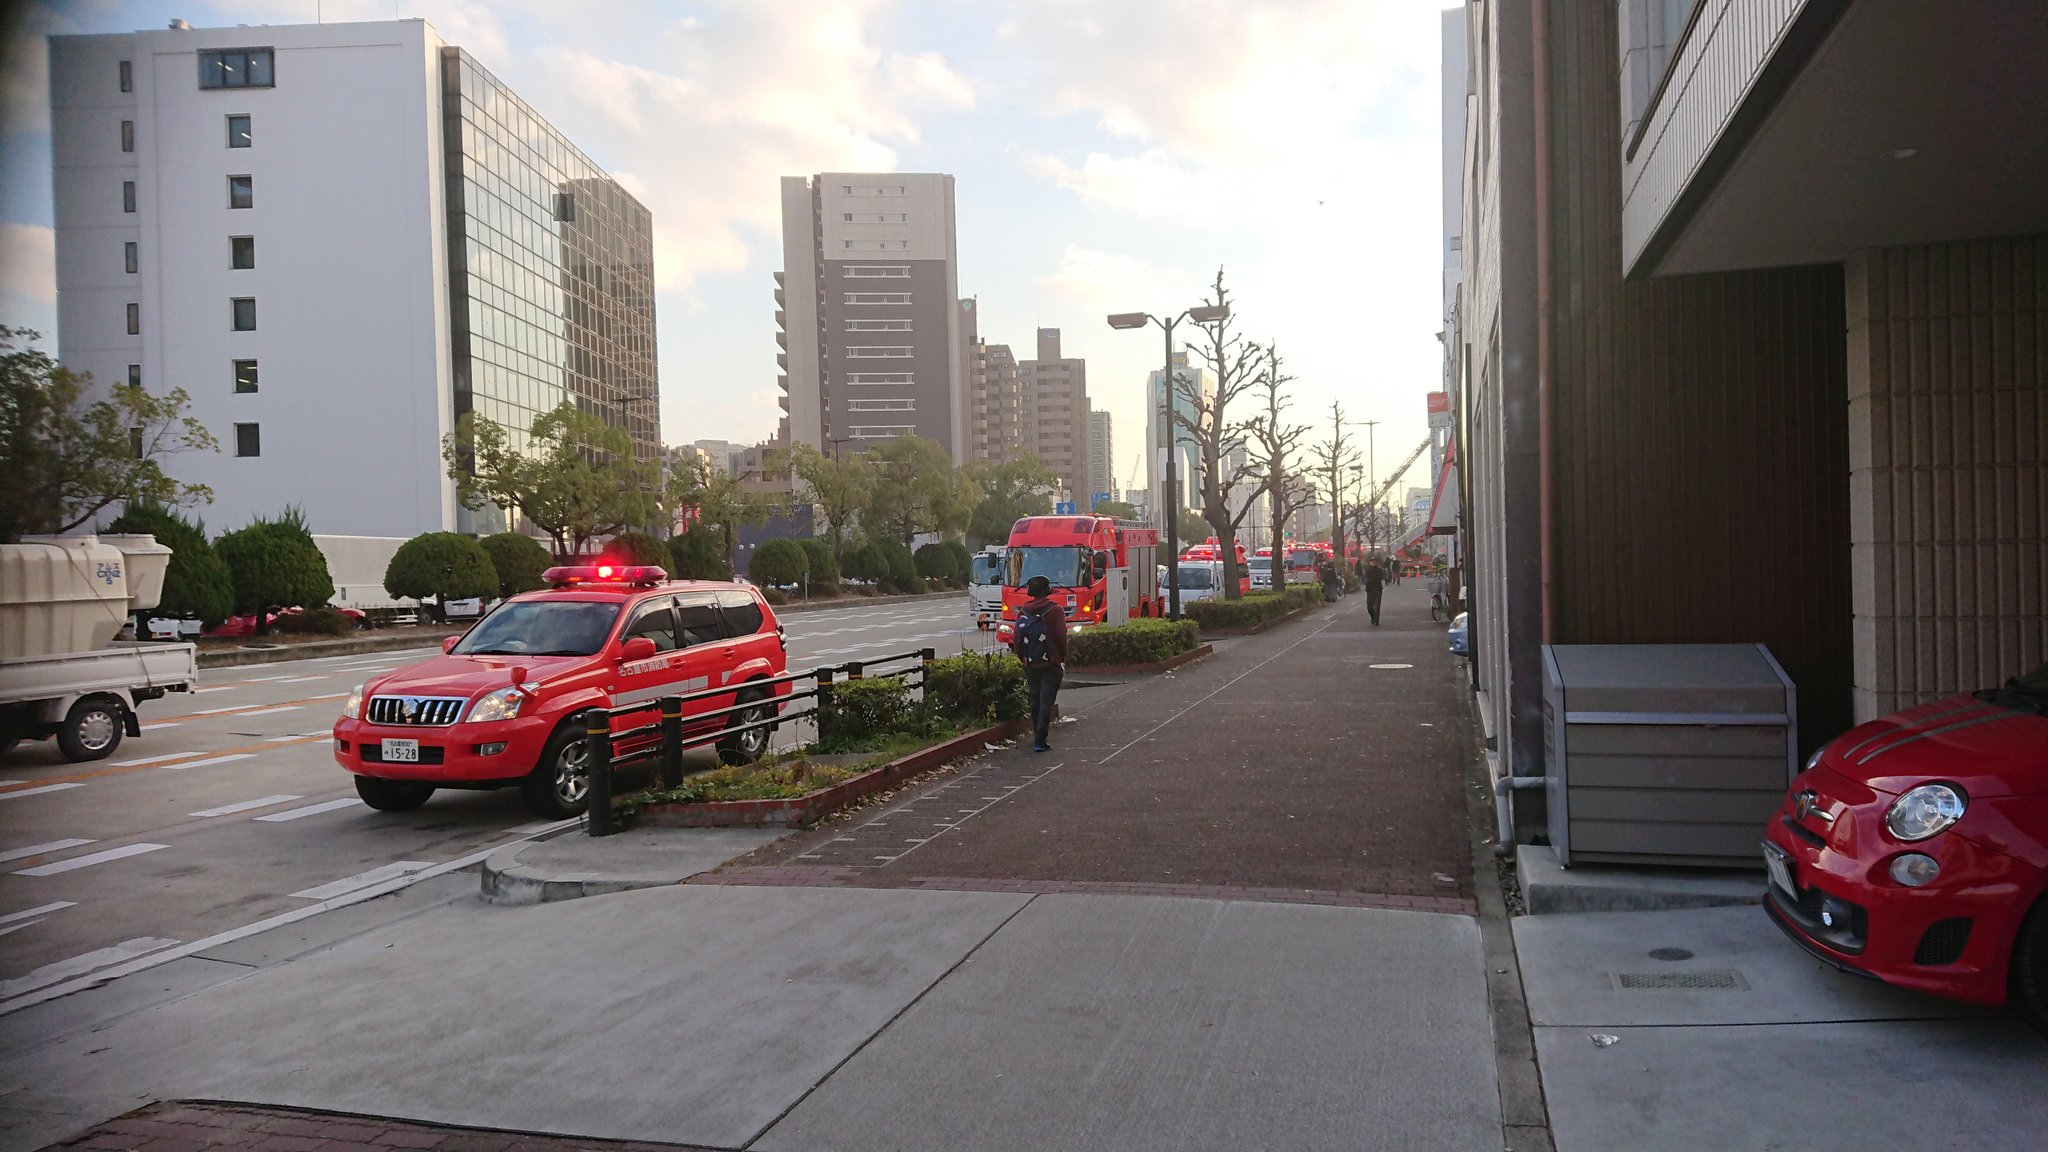 相生町のいそのビルで火事が起きはしご車で消火活動している画像